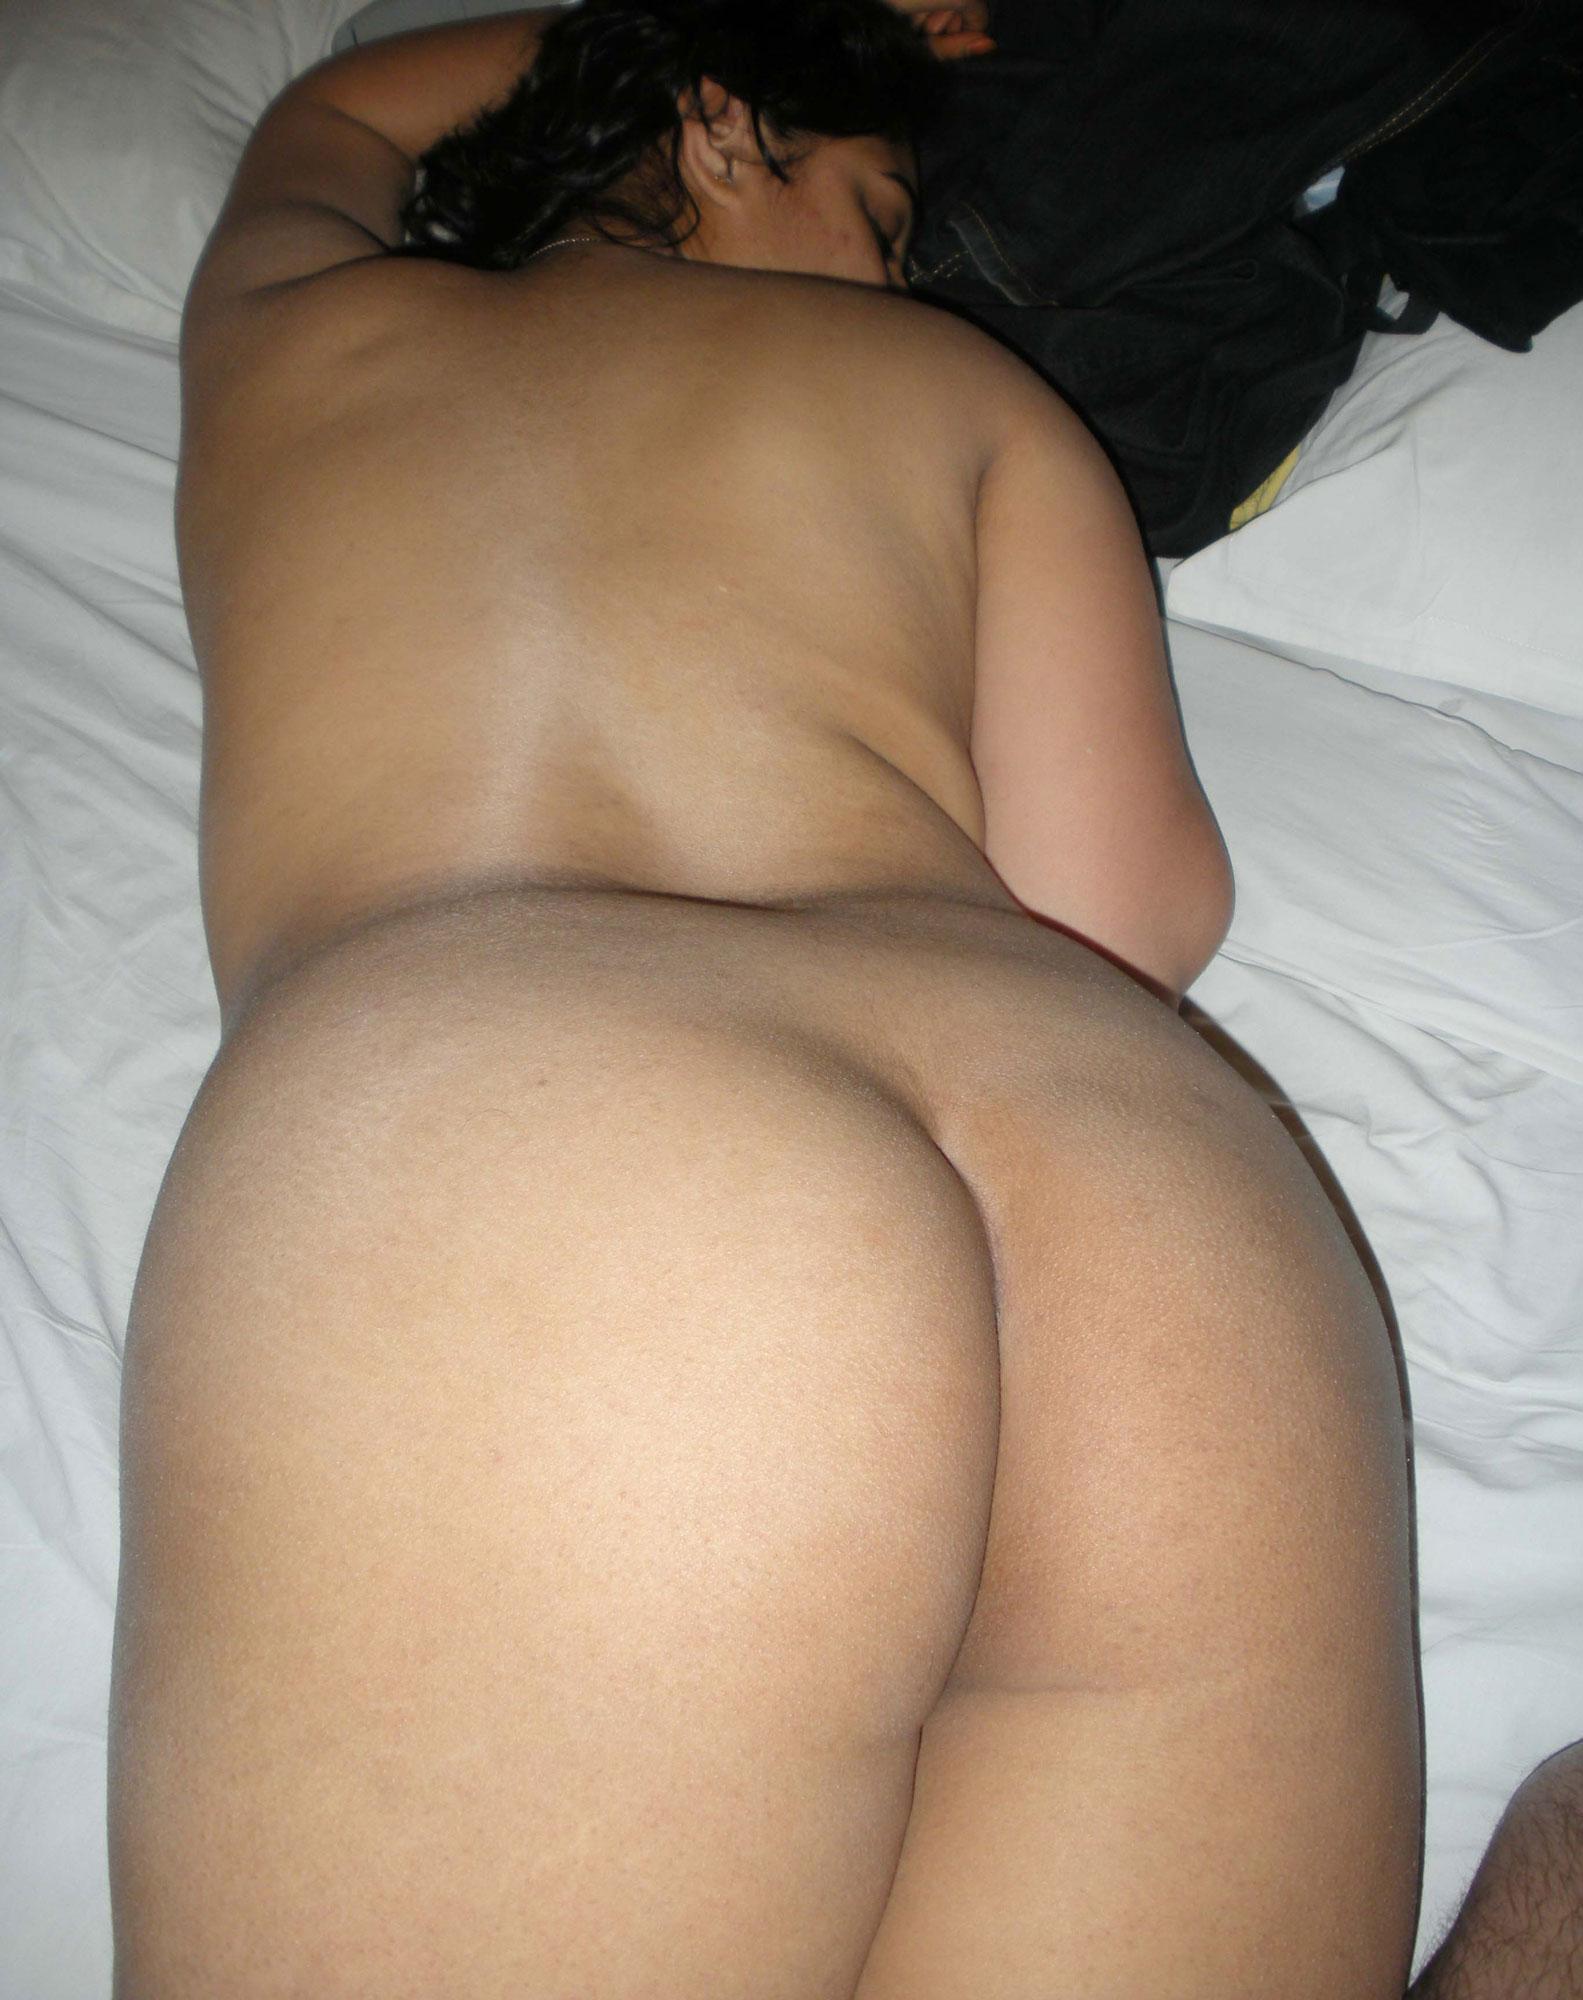 ass xx